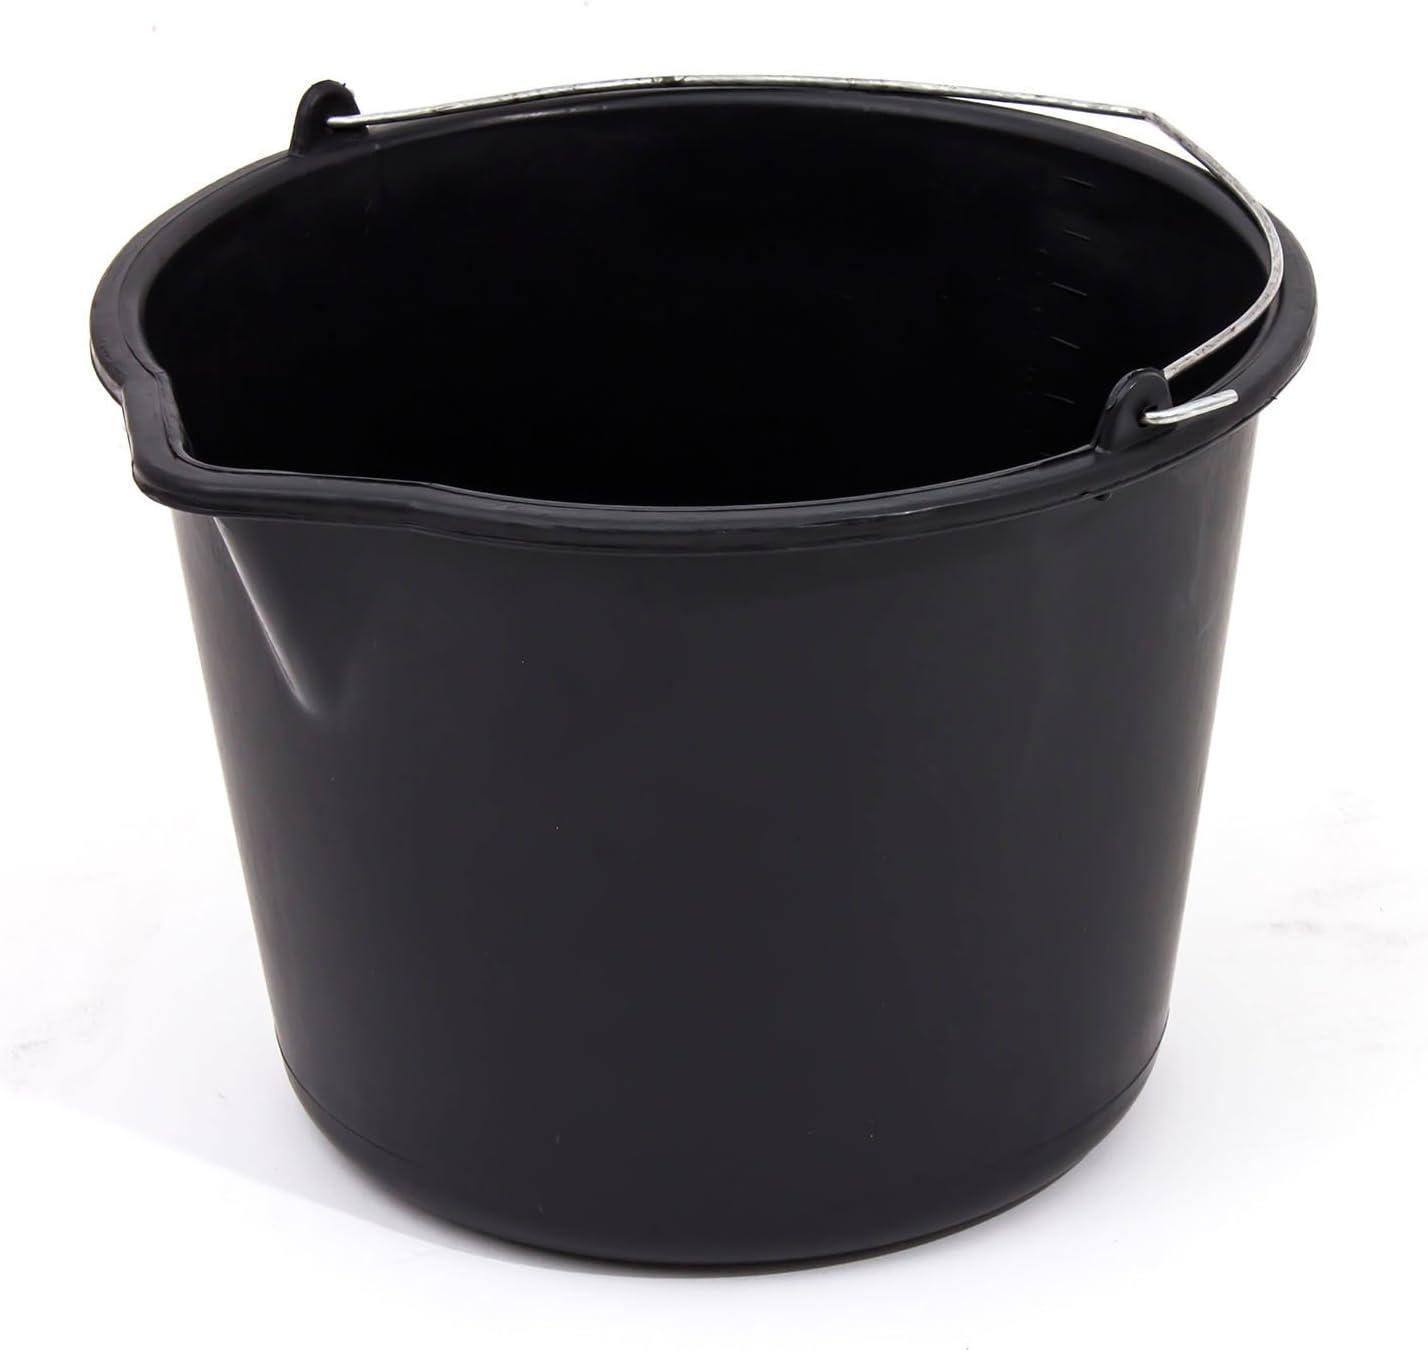 Seau a bec en plastique noir recipients de melanger 20 L